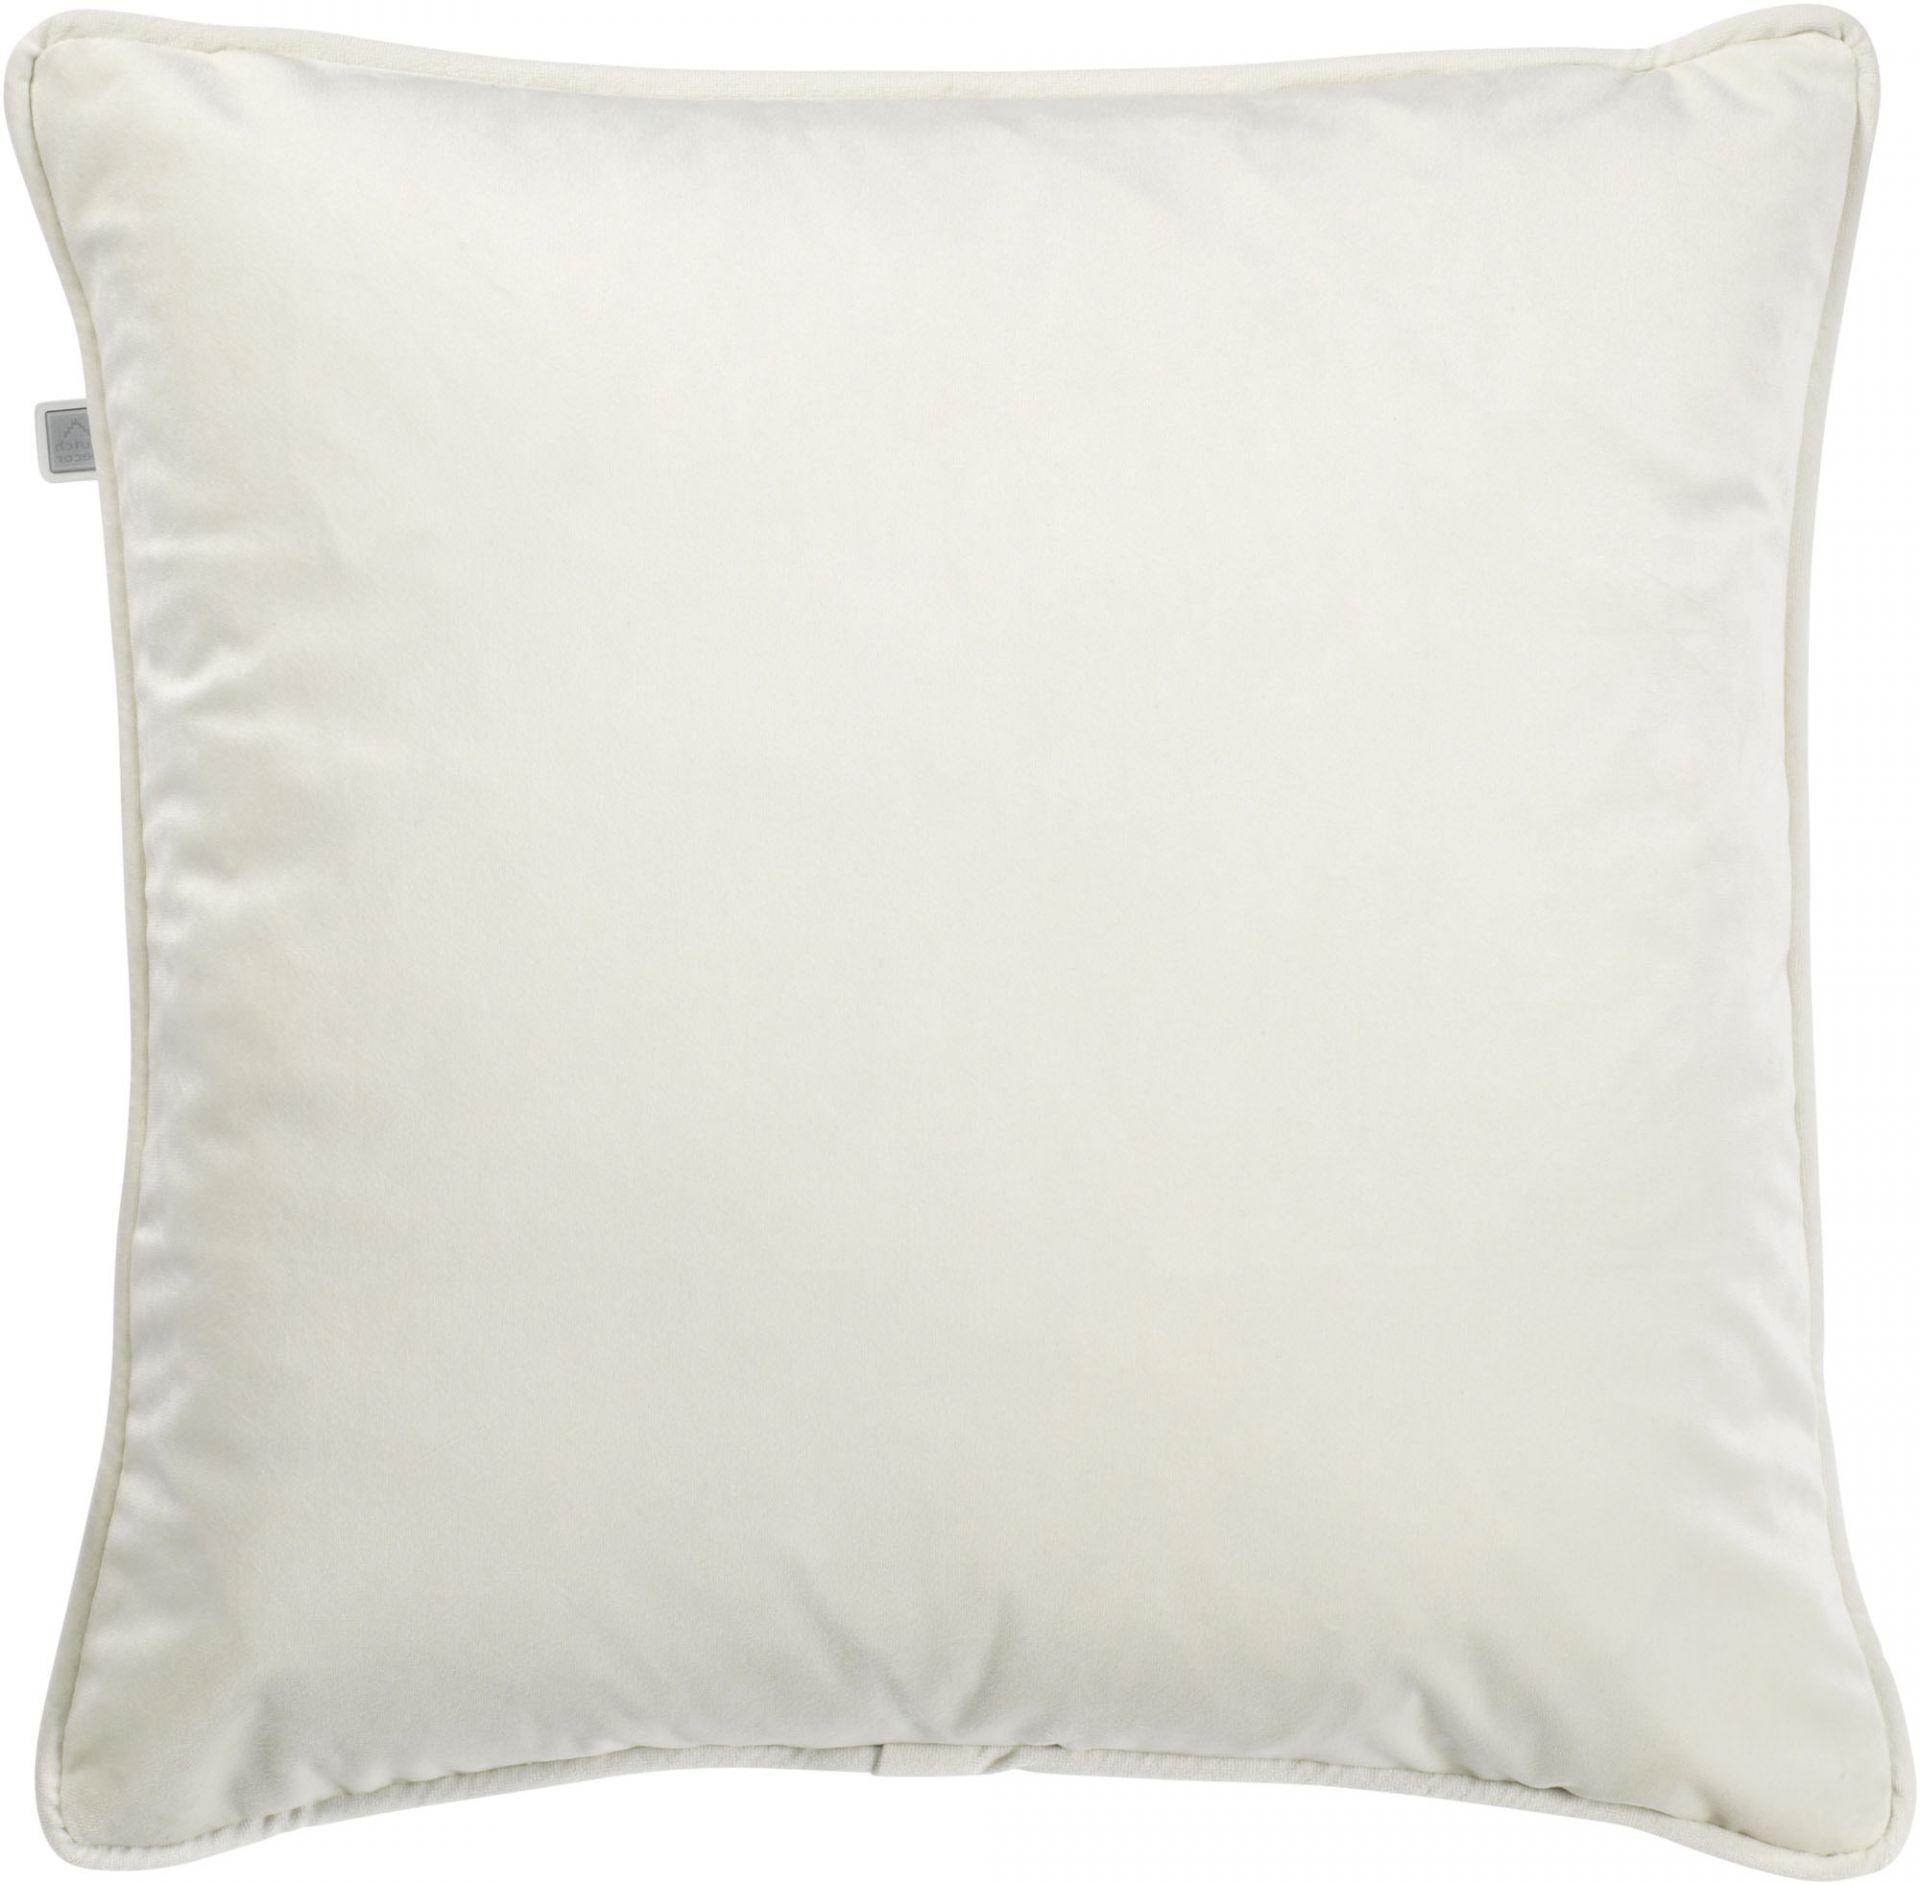 FINN - Sierkussen velvet Snow White 60x60 cm